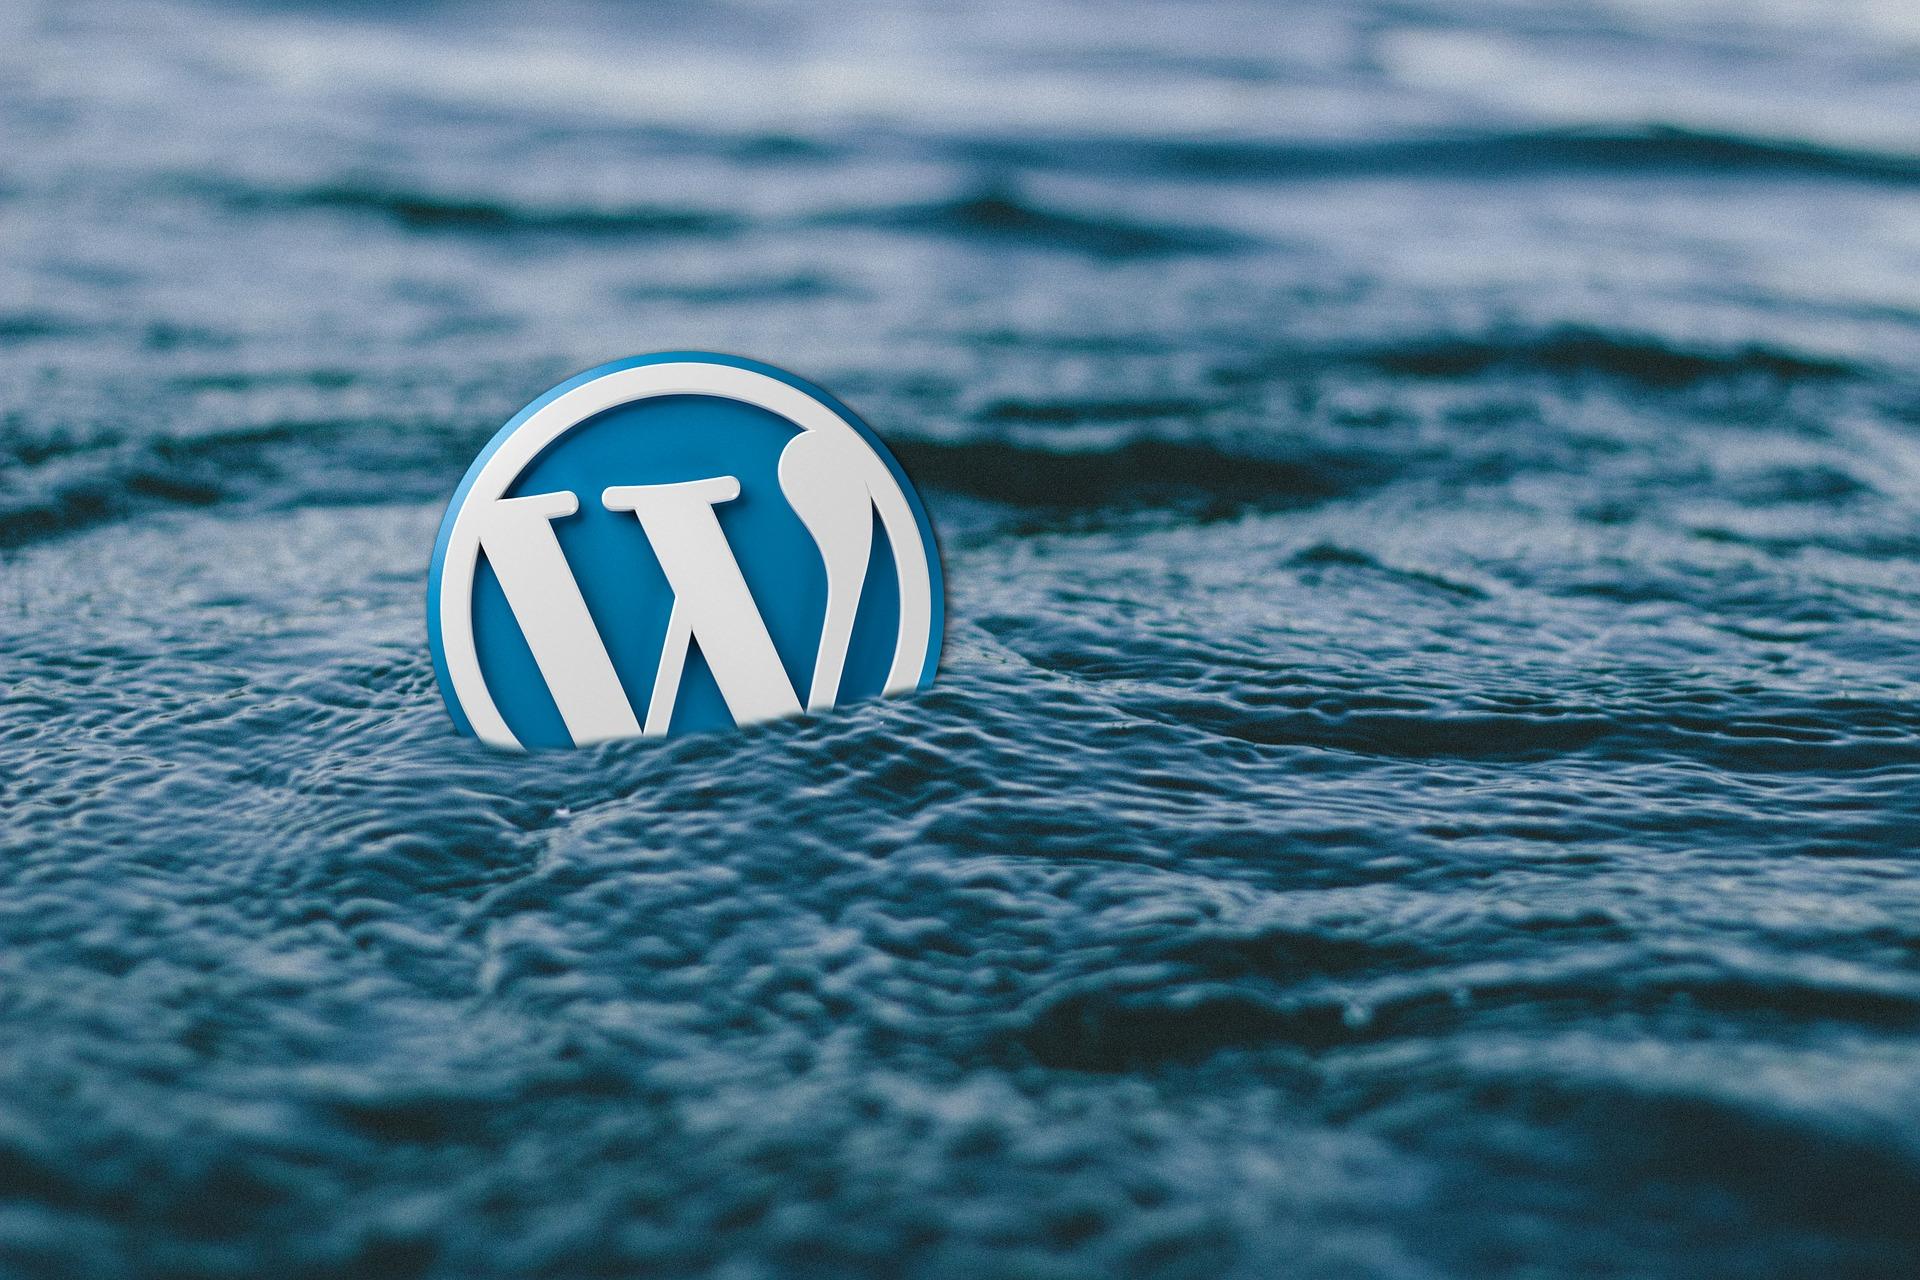 Wordpress logo floating in blue water.